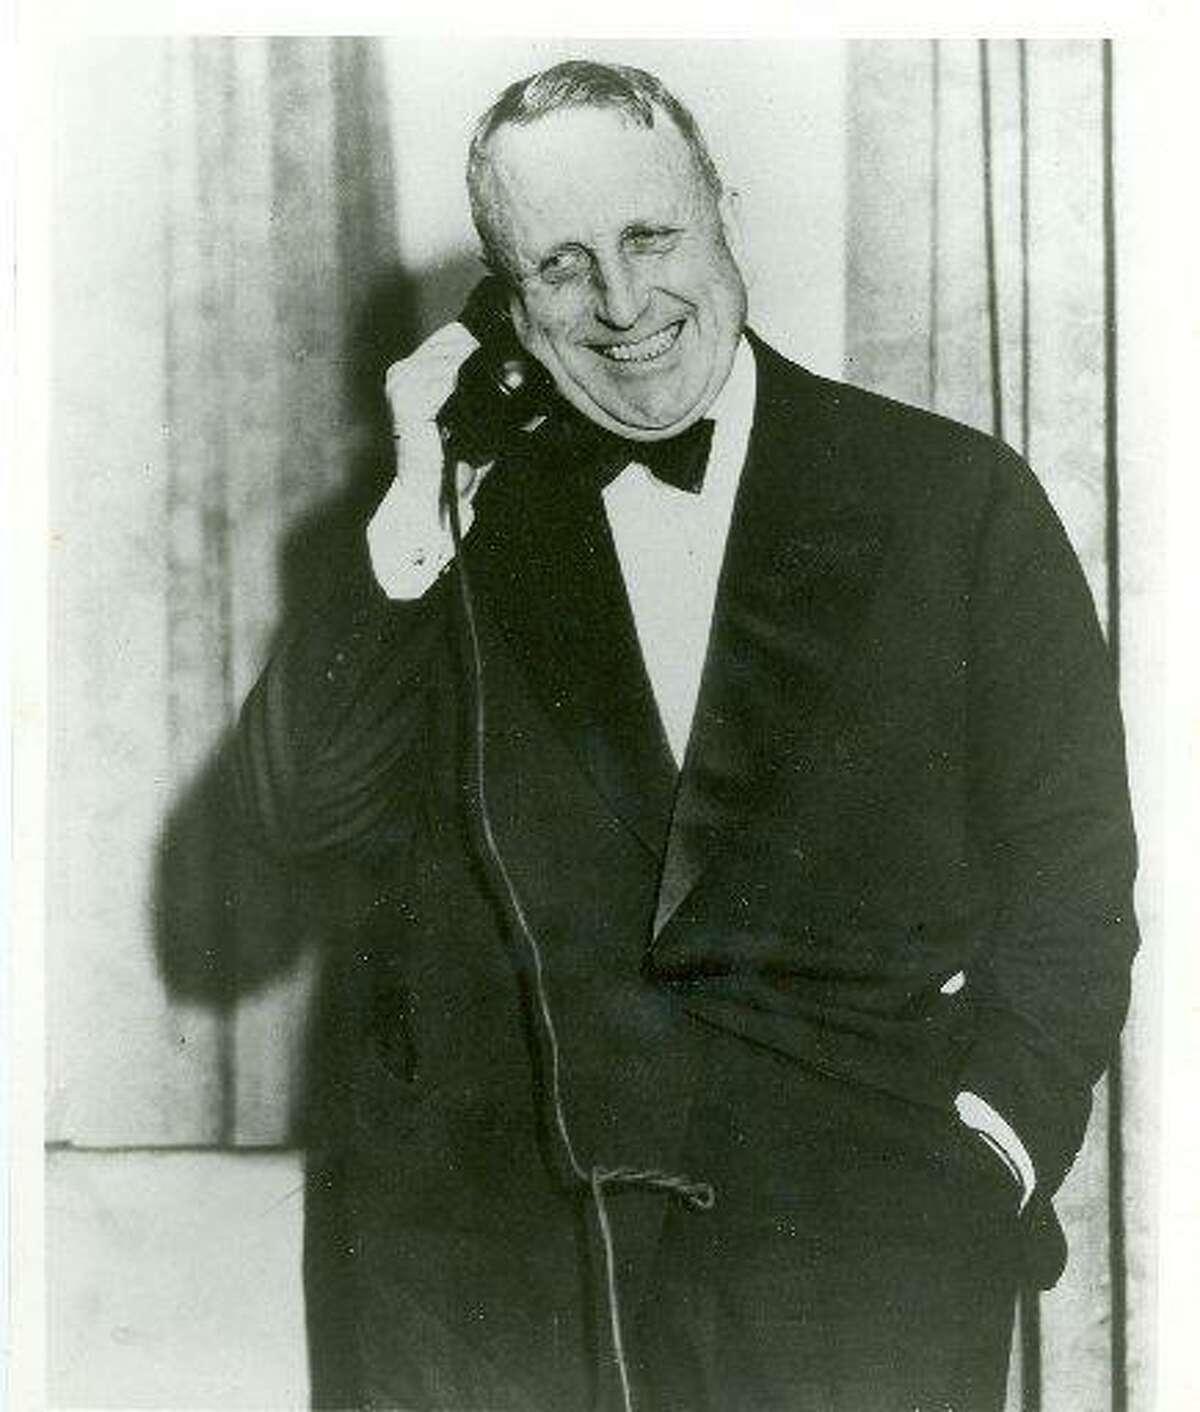 William Randolph Hearst around 1930.